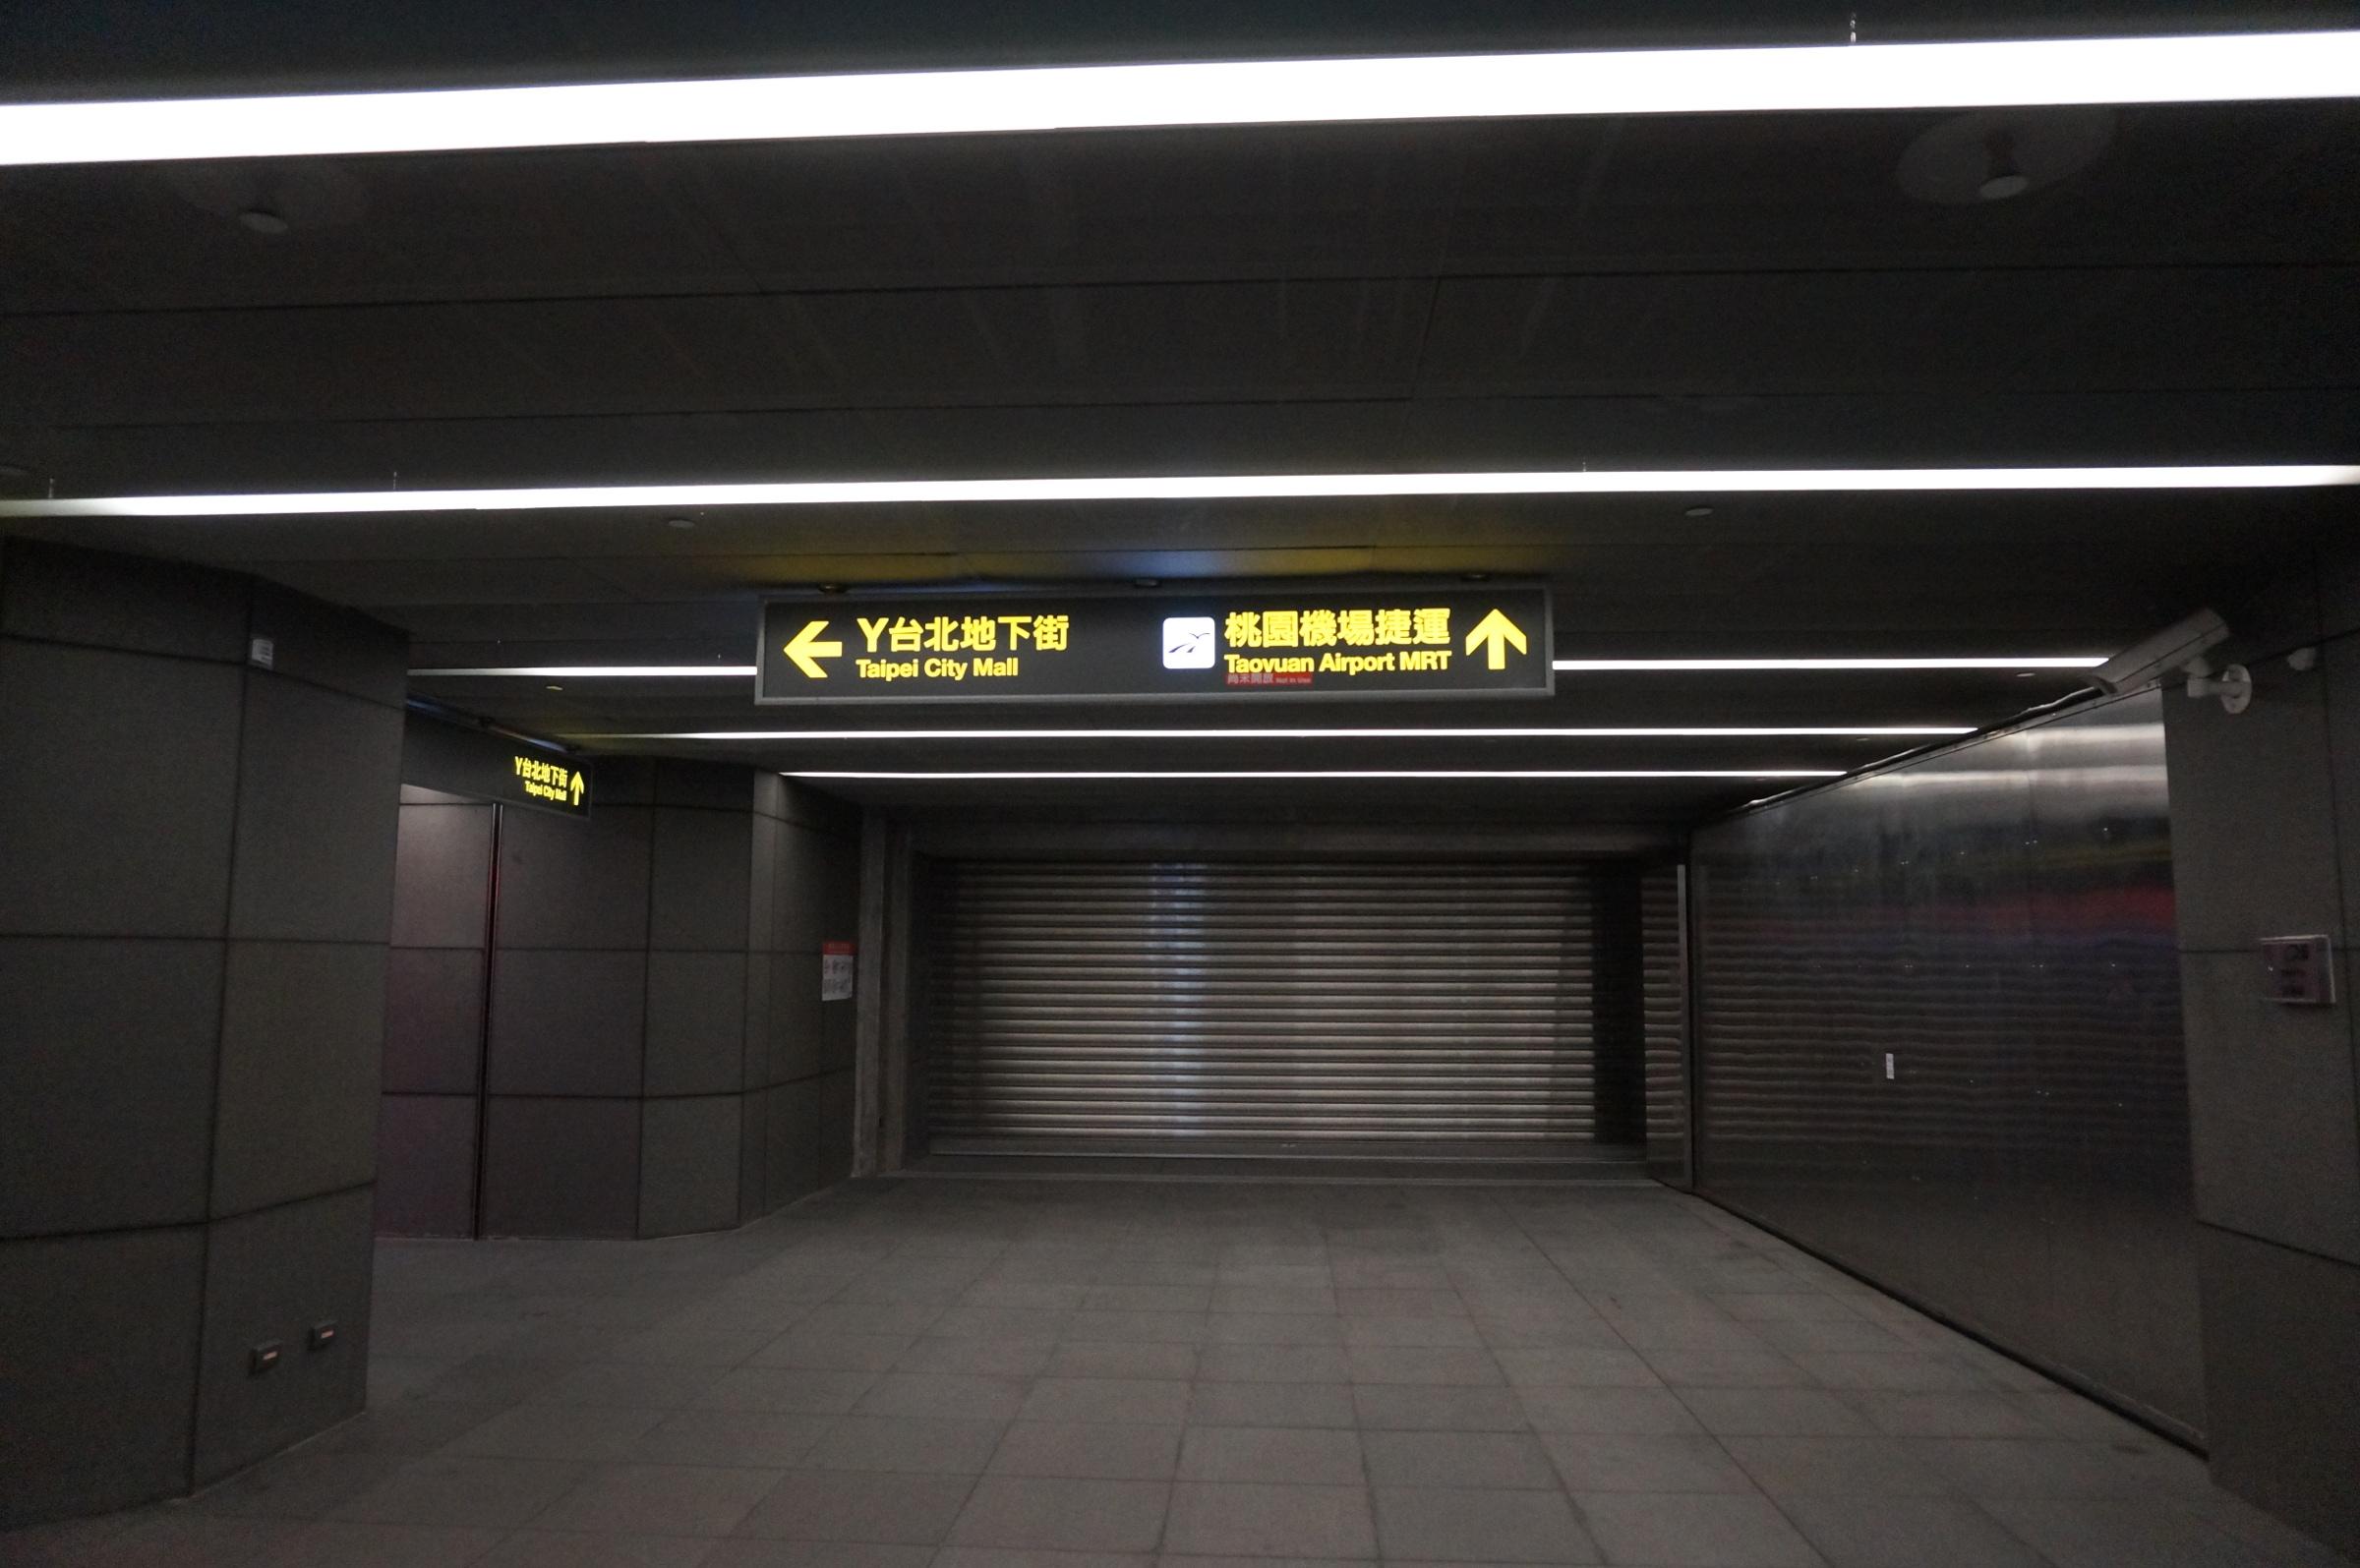 Beimen-to-airport-railway-tunnel